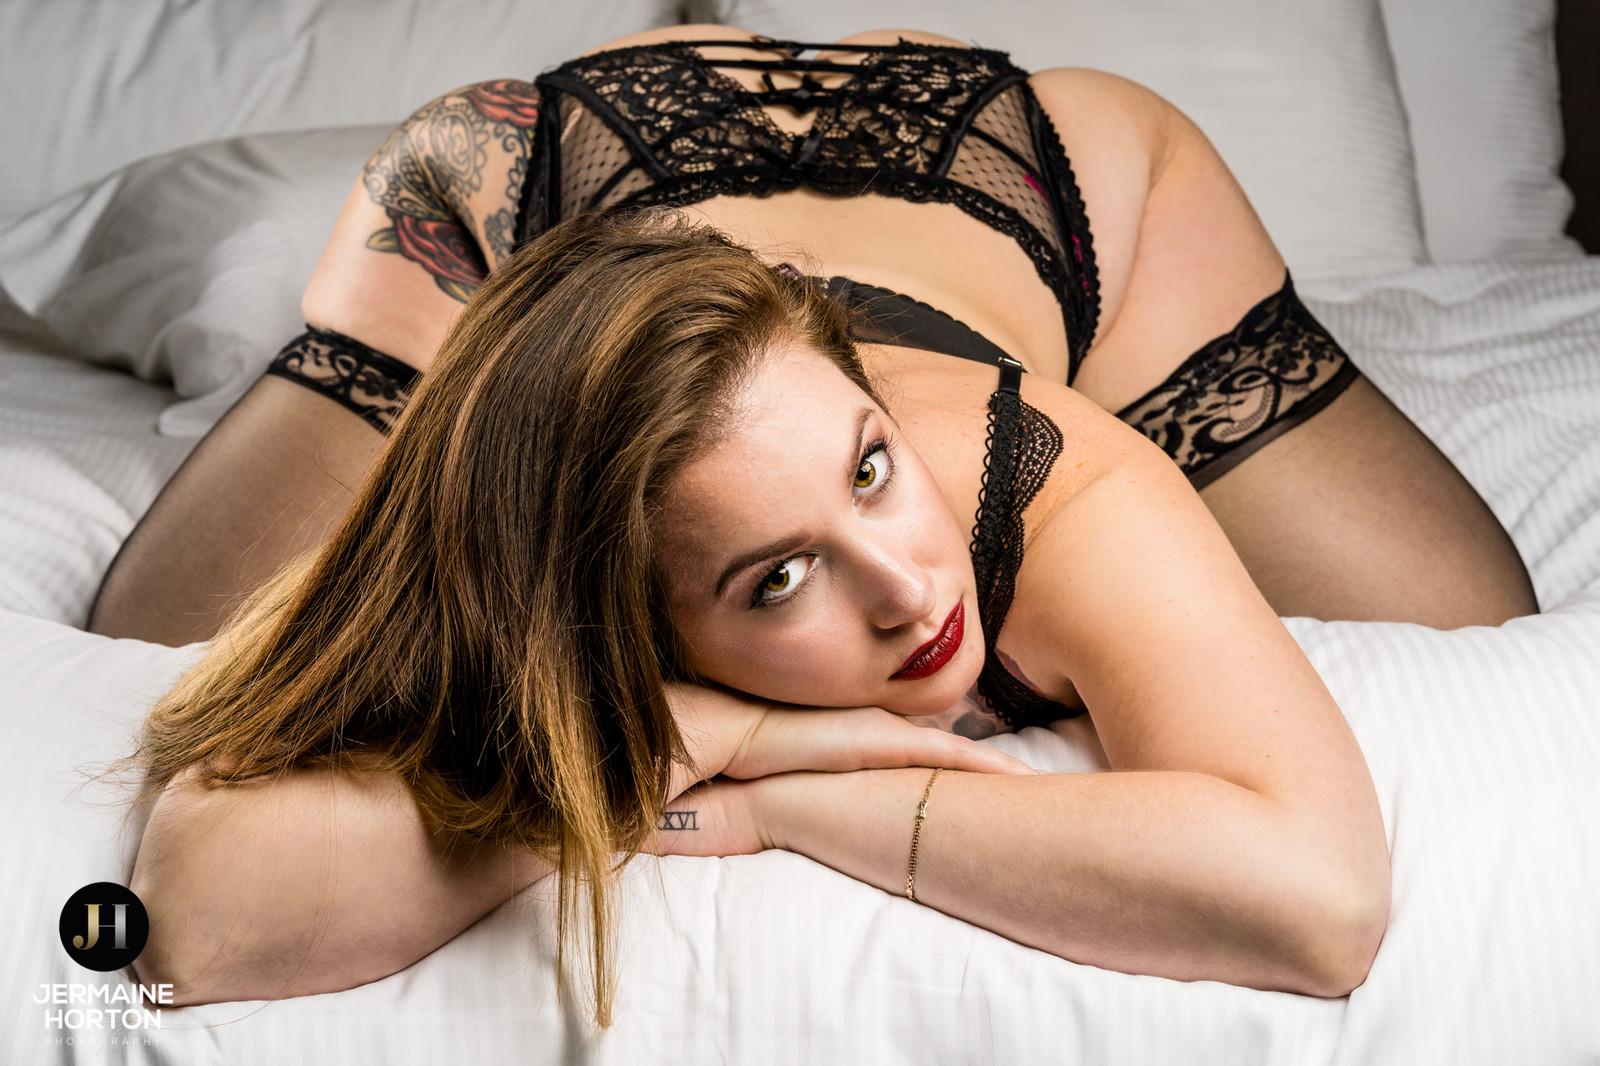 Ming na sex scene video